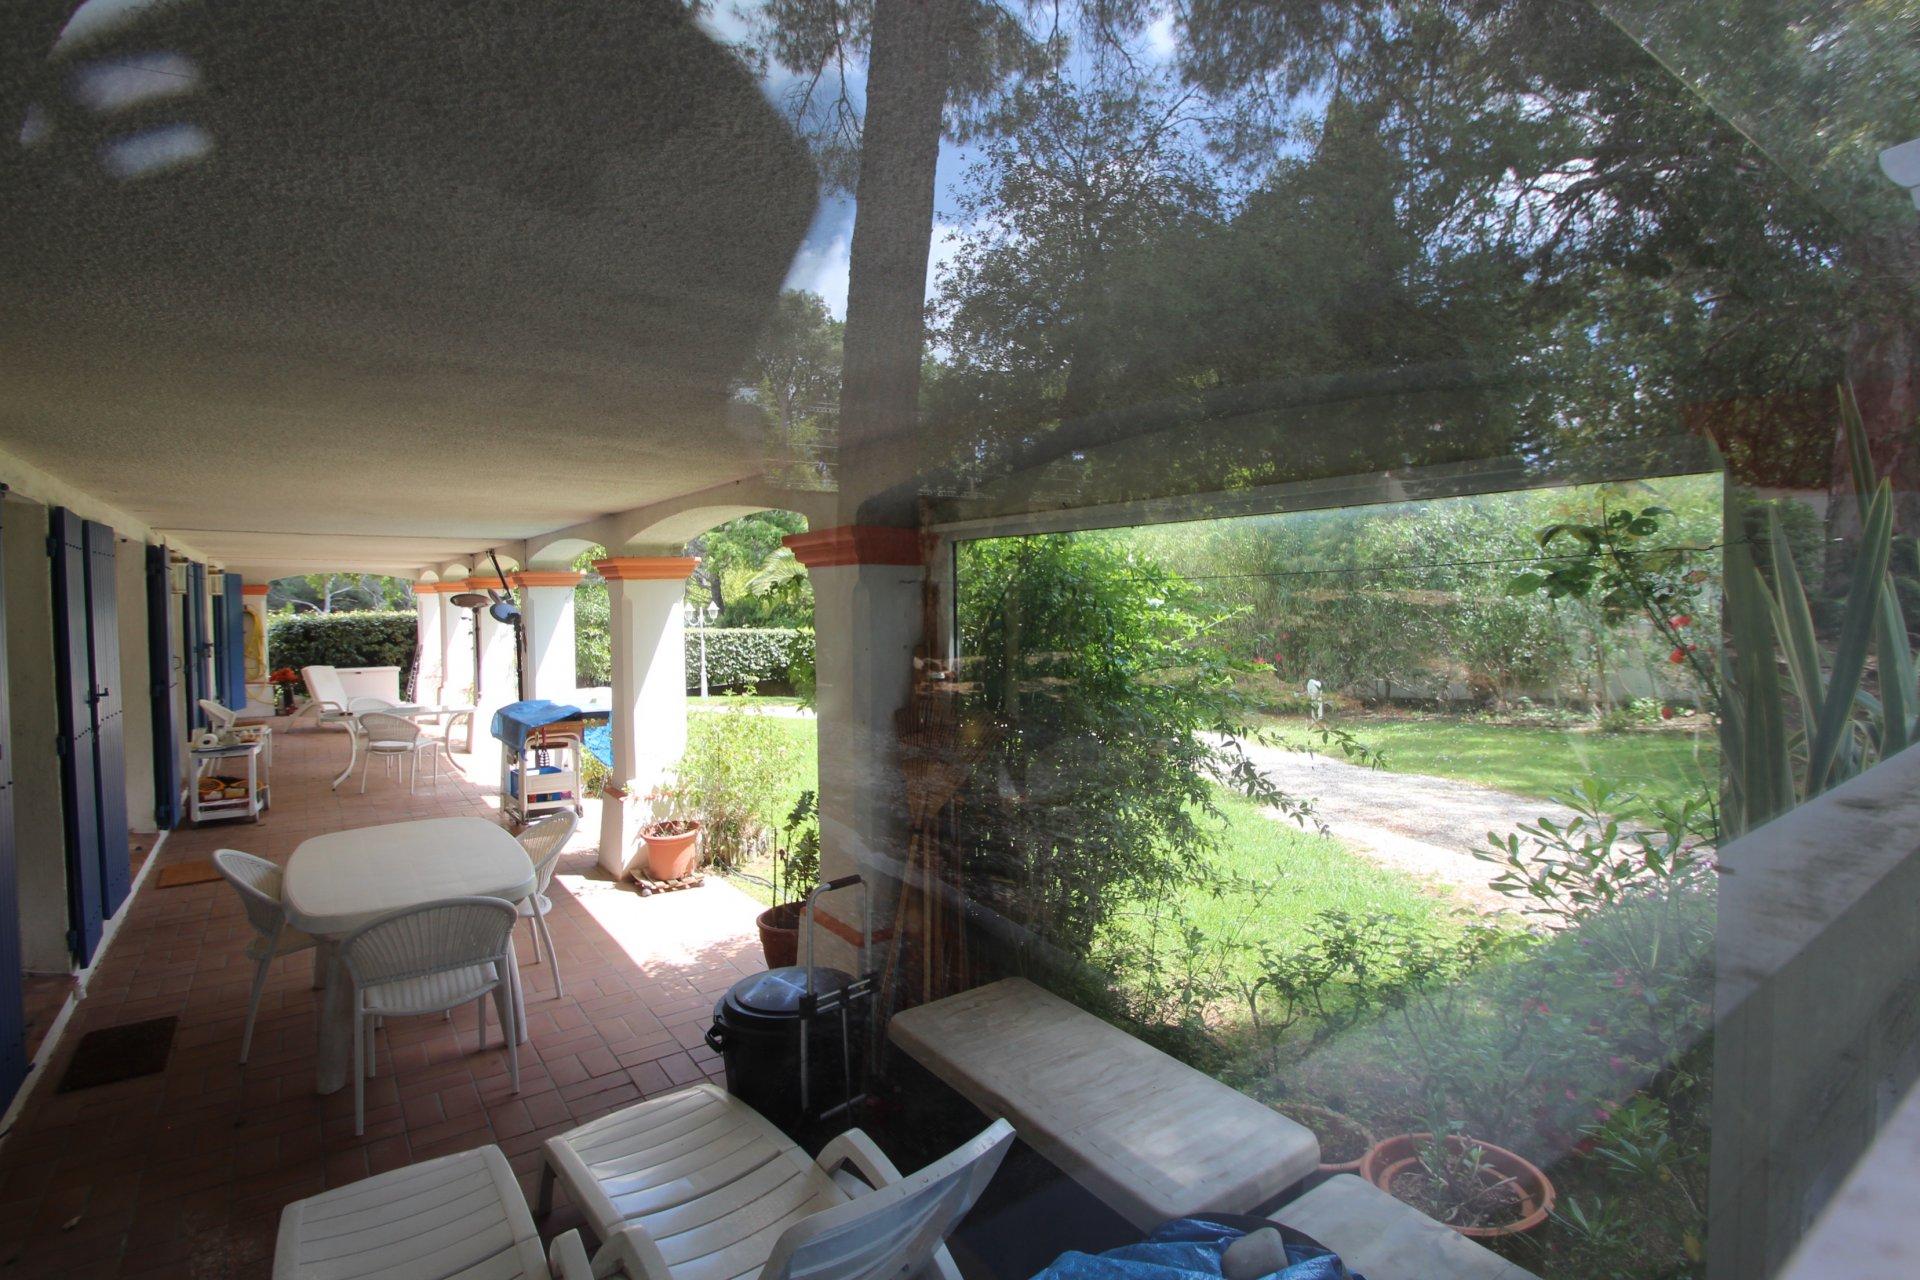 St.Raphaël - Valescure appartement spacieux (100m2) rez de chaussée + 2 x garage